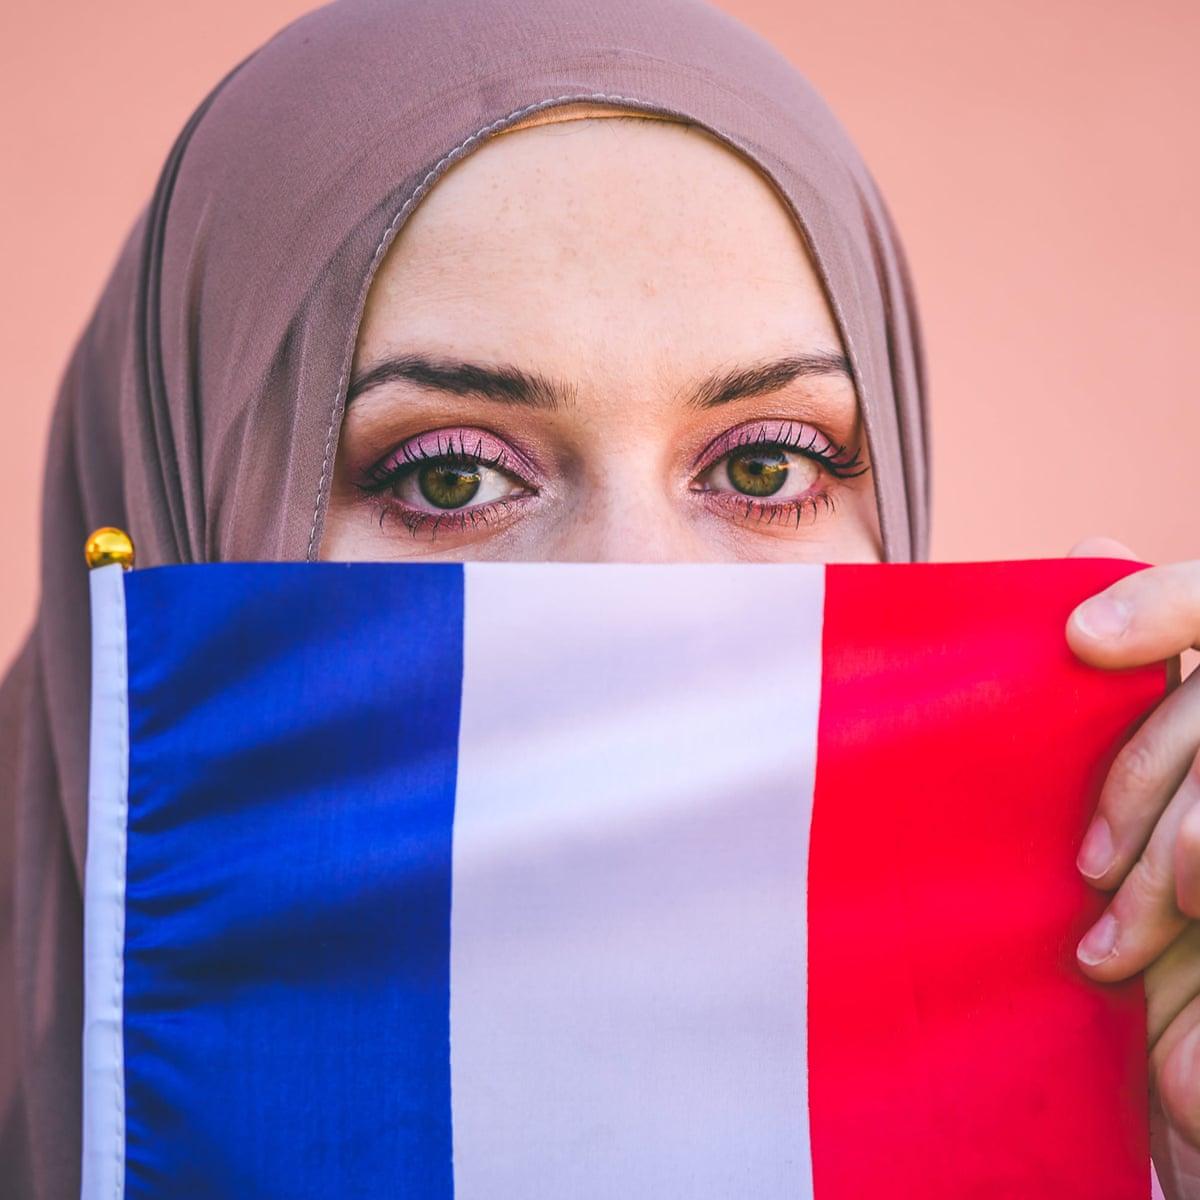 Sexi girl muslim Muslim girl